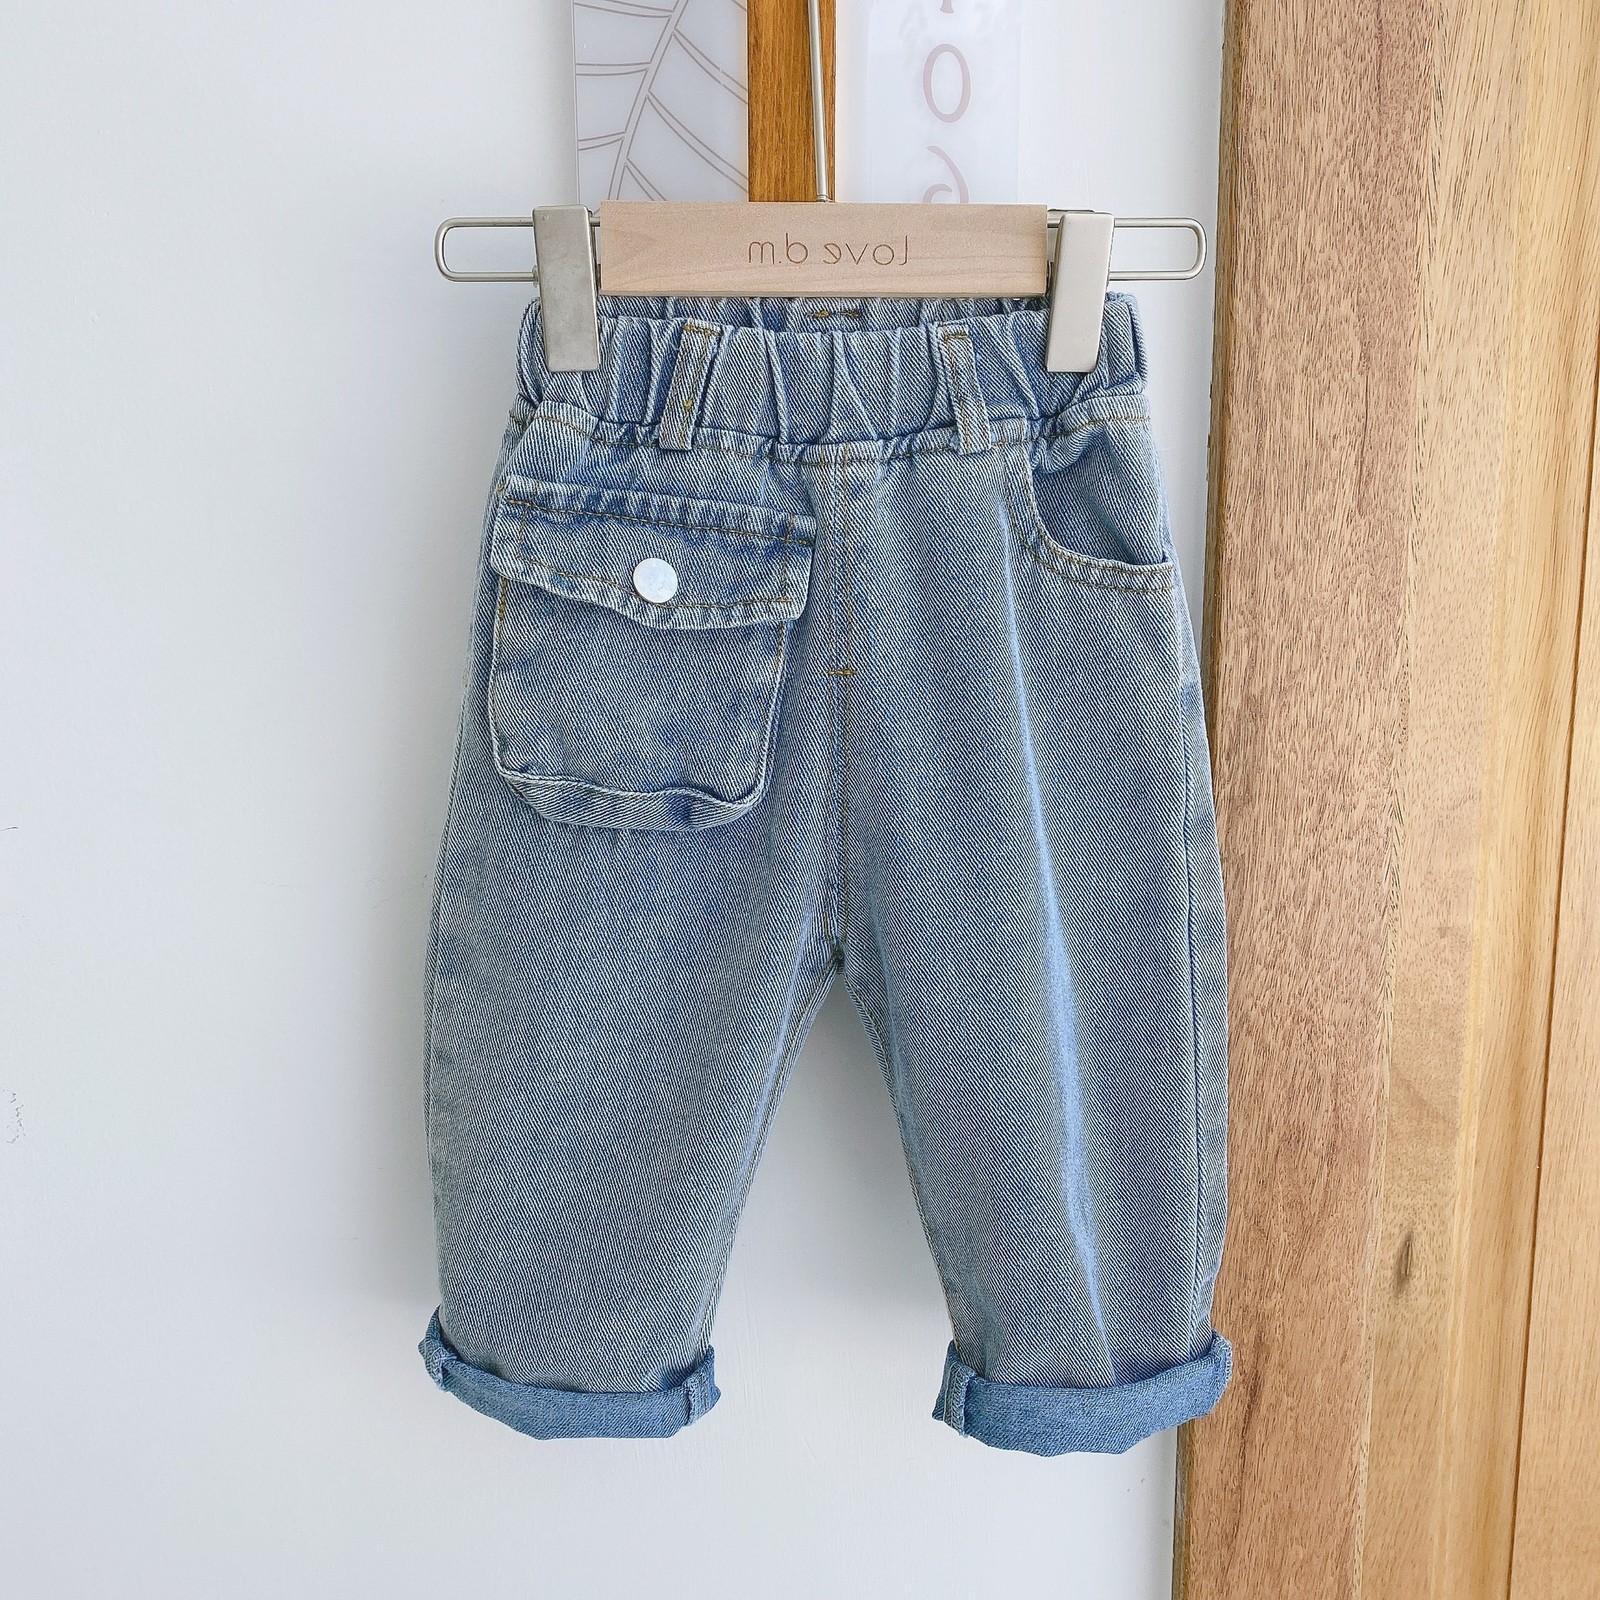 Macacões de estilo estrangeiro infantil 2021 primavera meninos e meninas grandes bolso maciço calças de denim macio EK130